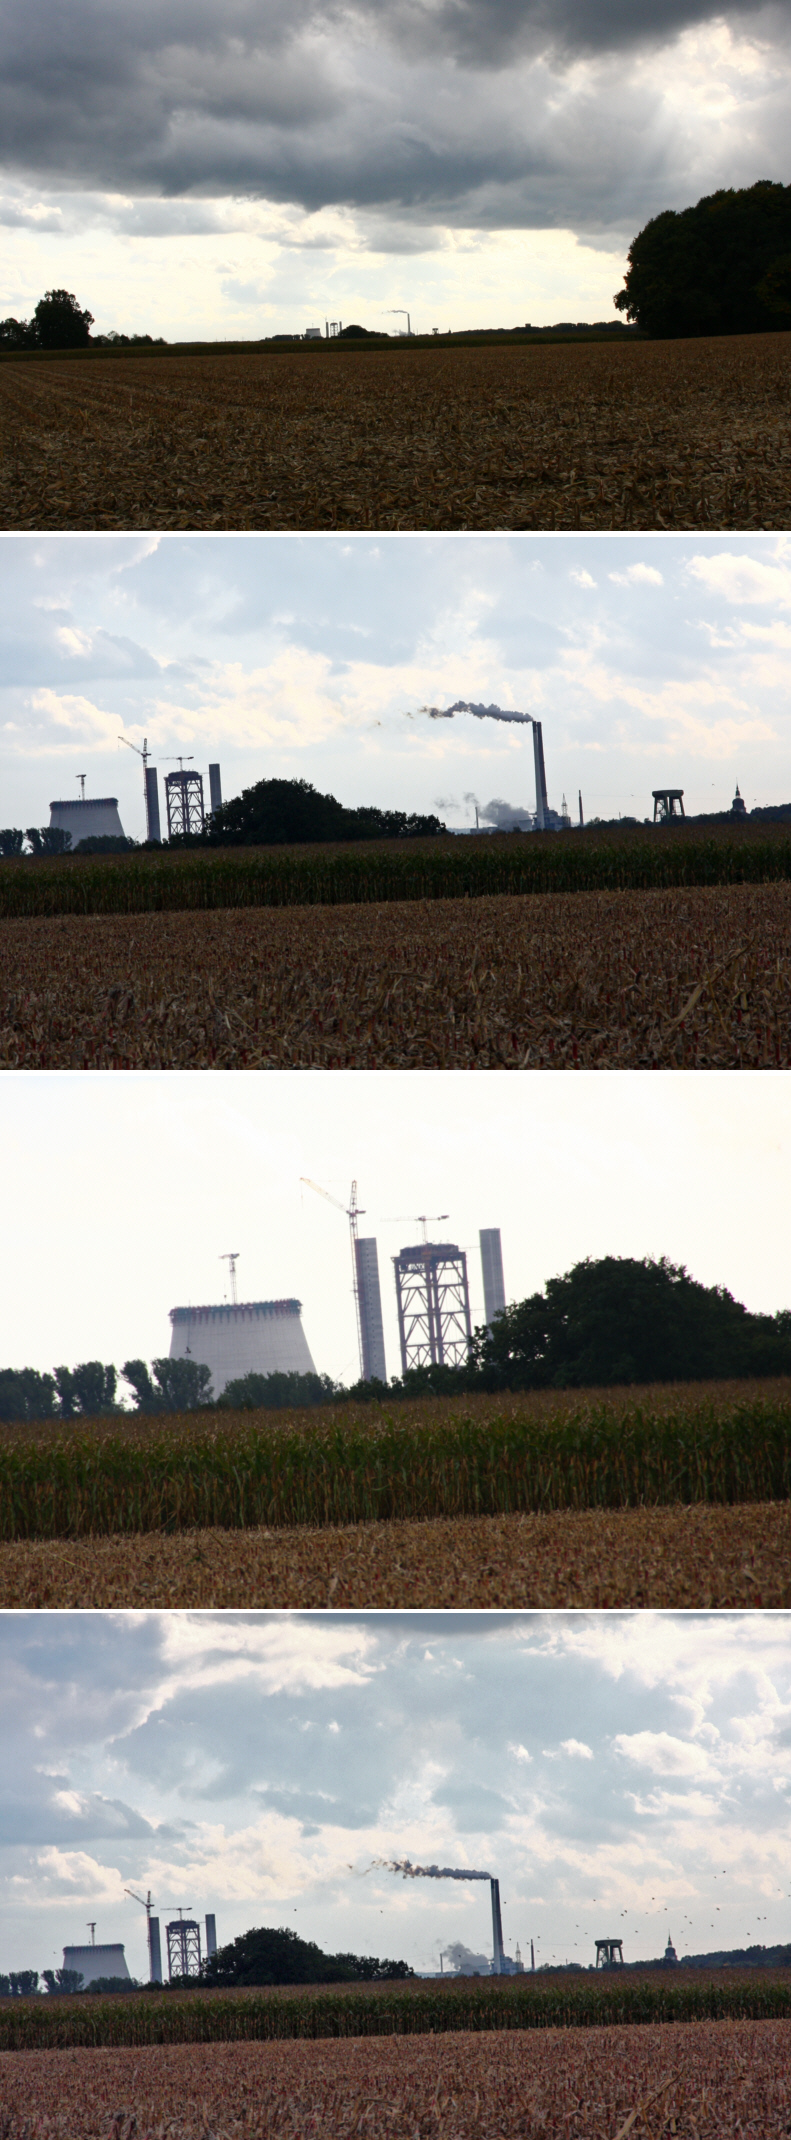 oktober 08 fotos der kraftwerkbaustelle von olfen   h u00f6he alte fahrt medienwerkstatt wissen energielabel energies journal